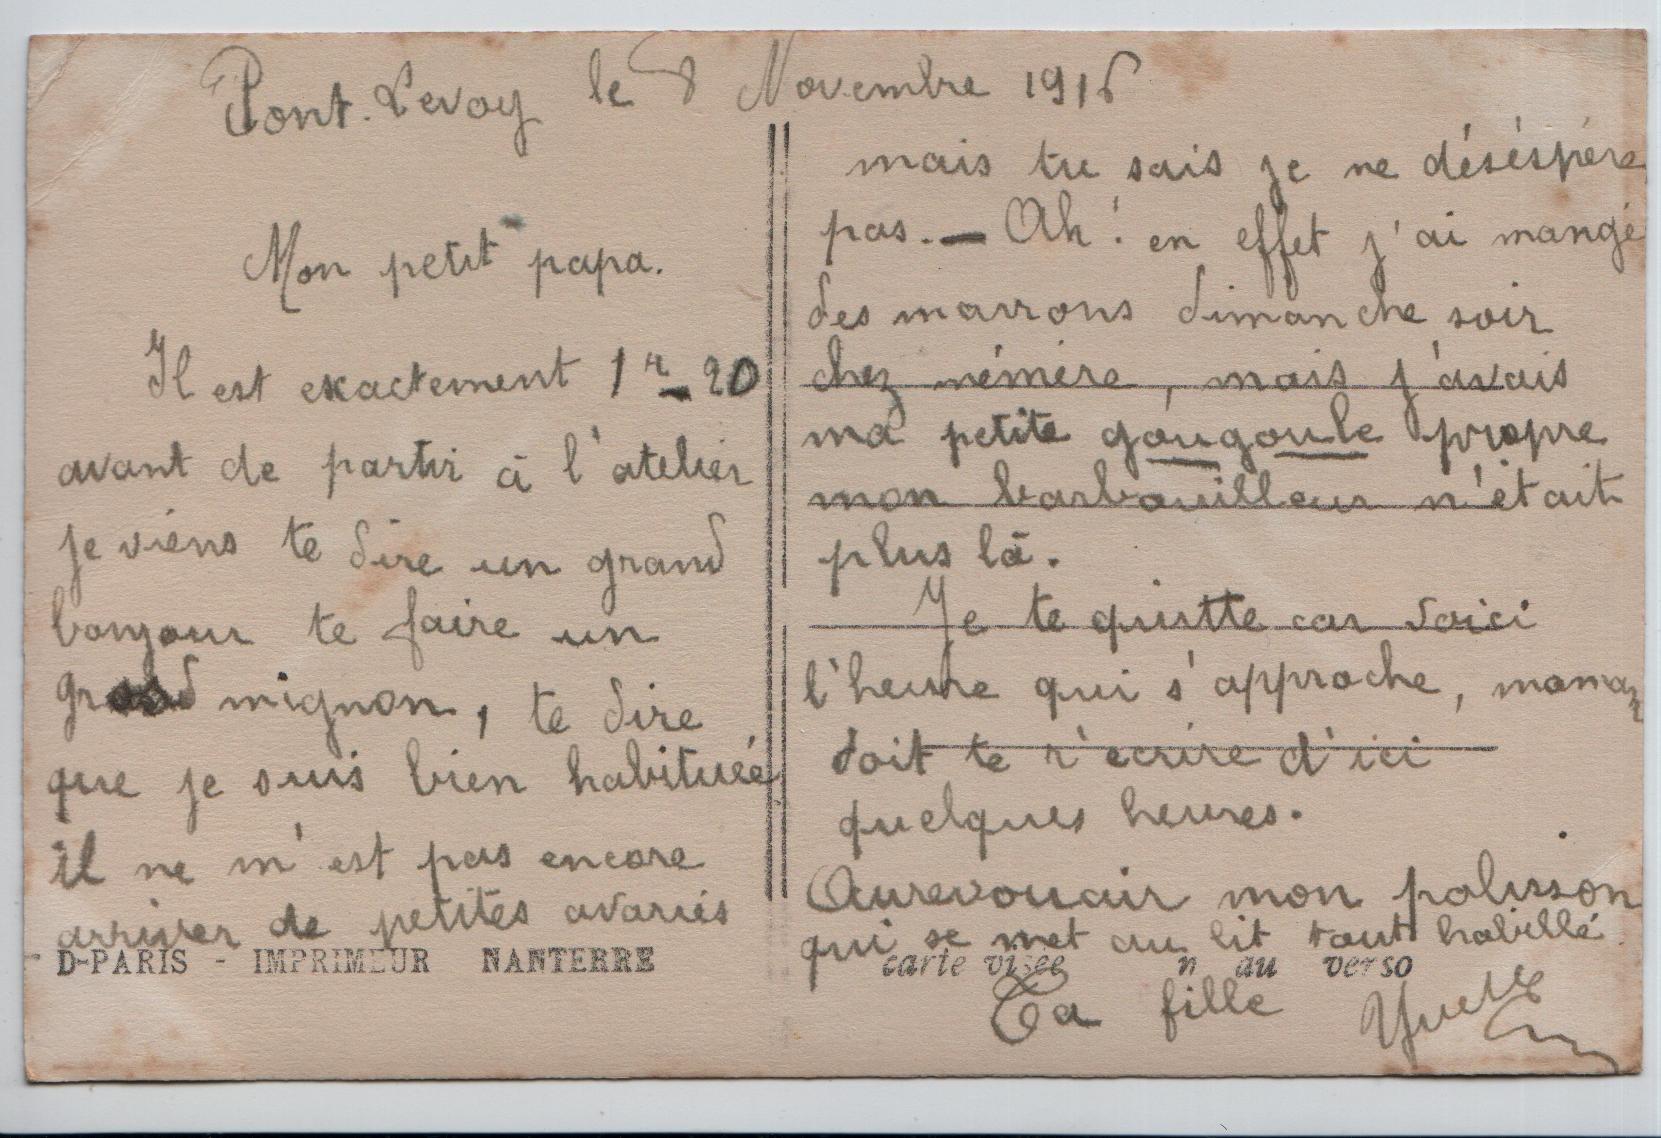 1. Pont-Levoy 8 November 1916